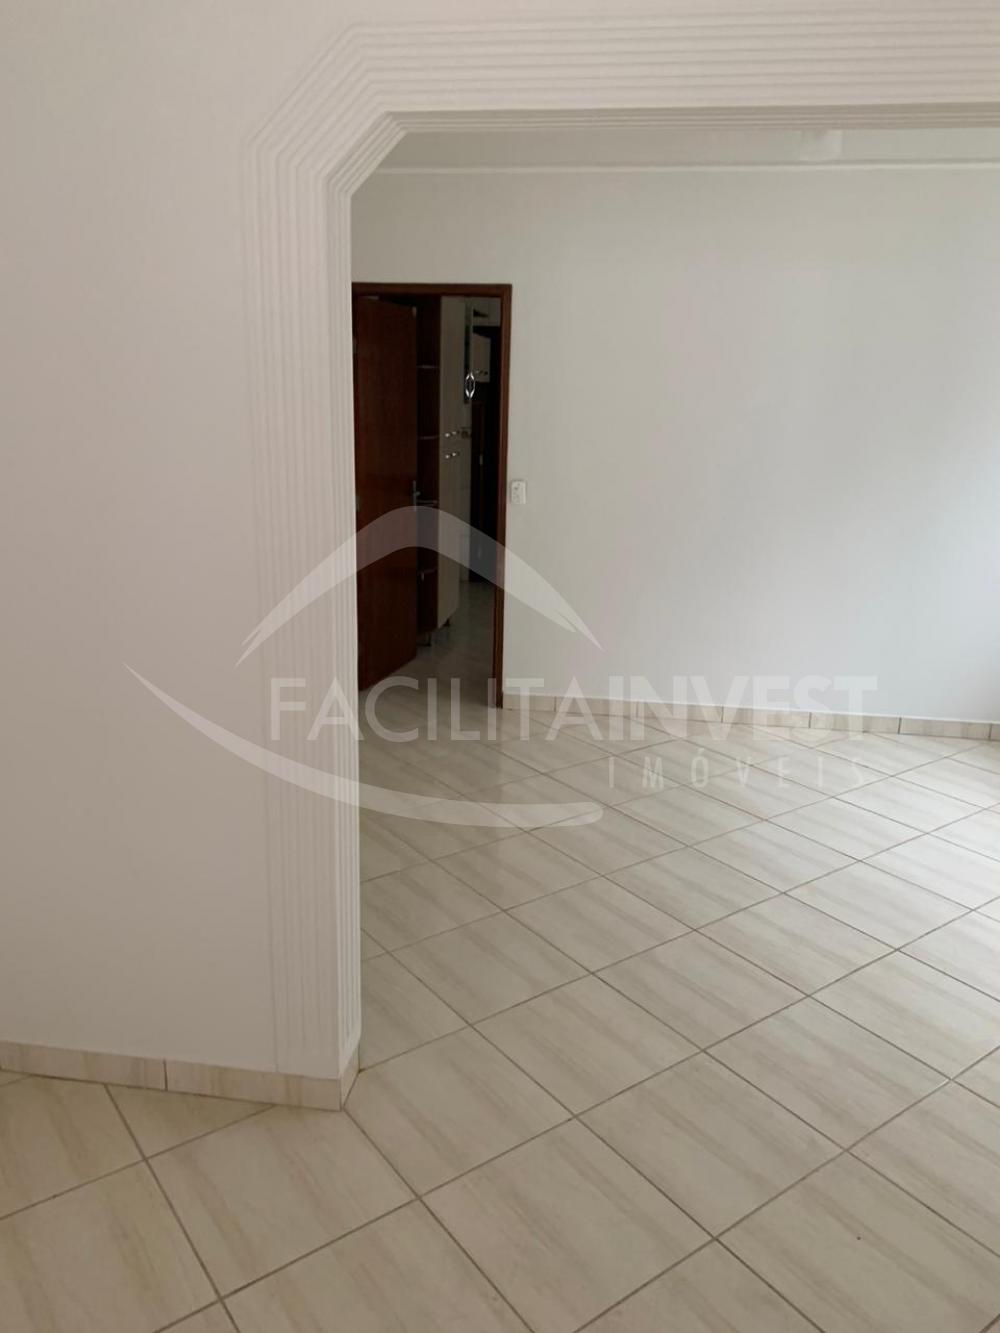 Comprar Casa Padrão / Casa Padrão em Ribeirão Preto apenas R$ 380.000,00 - Foto 4